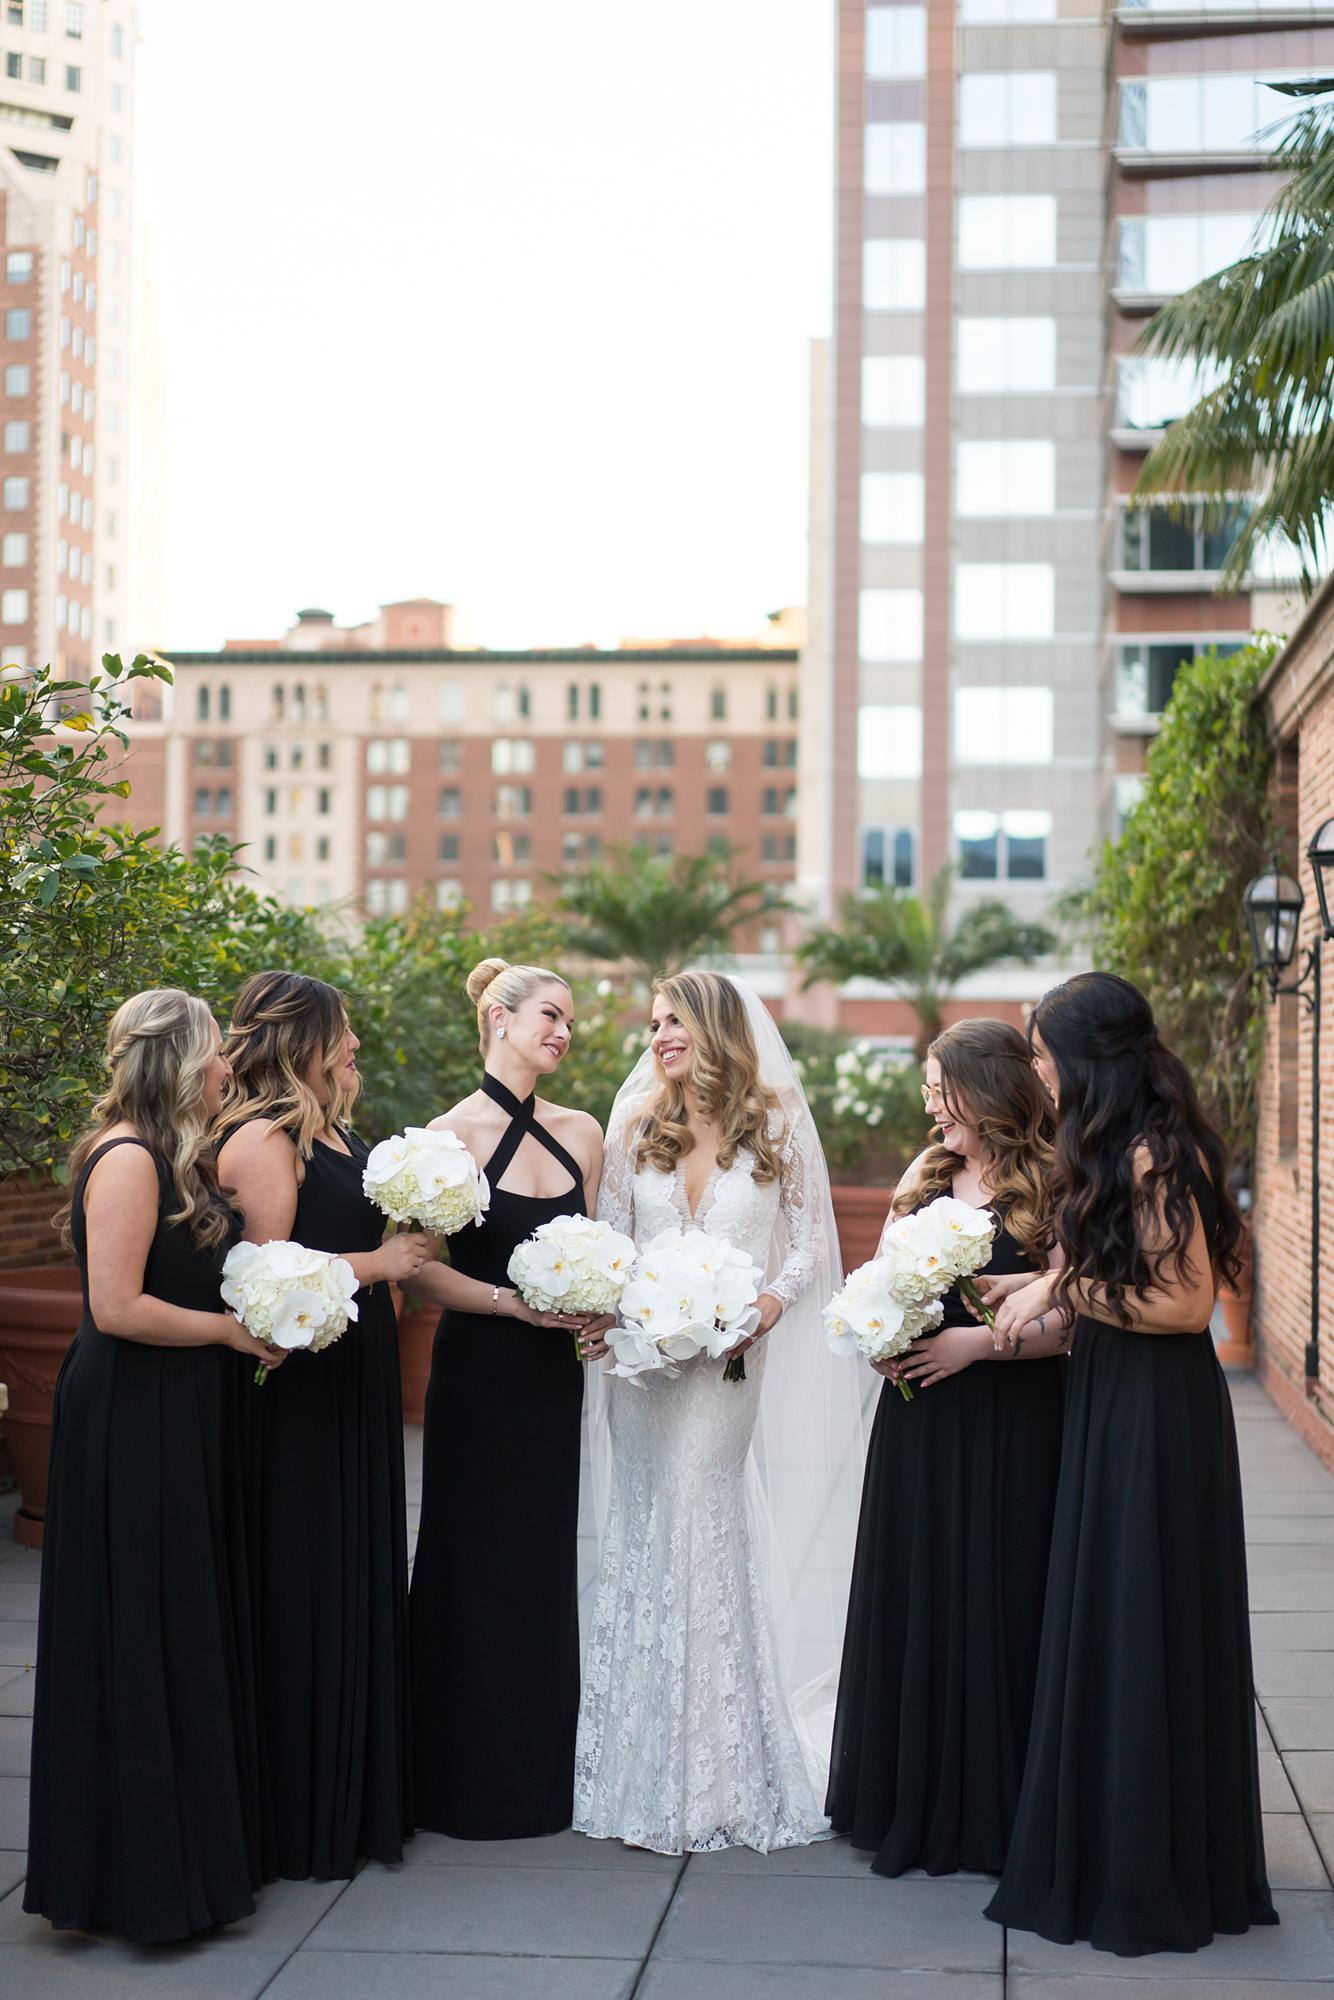 California Club Wedding | Miki & Sonja Photography | www.mikiandsonja.com